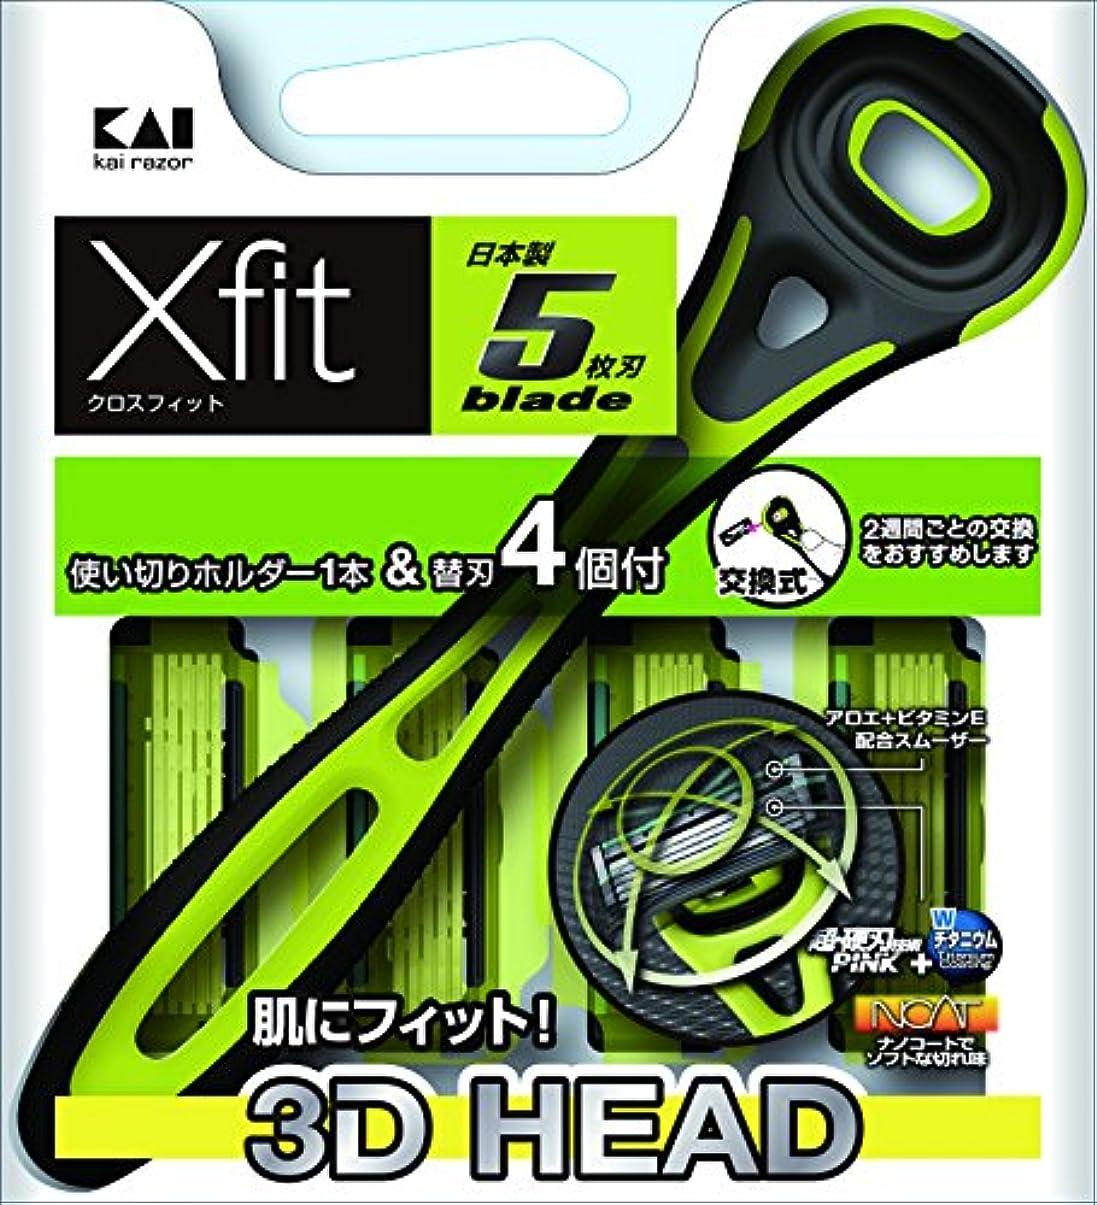 パートナー恥ずかしいコメントXfit(クロスフィット)5枚刃 クリアパッケージ 使い切りホルダー+替刃4個